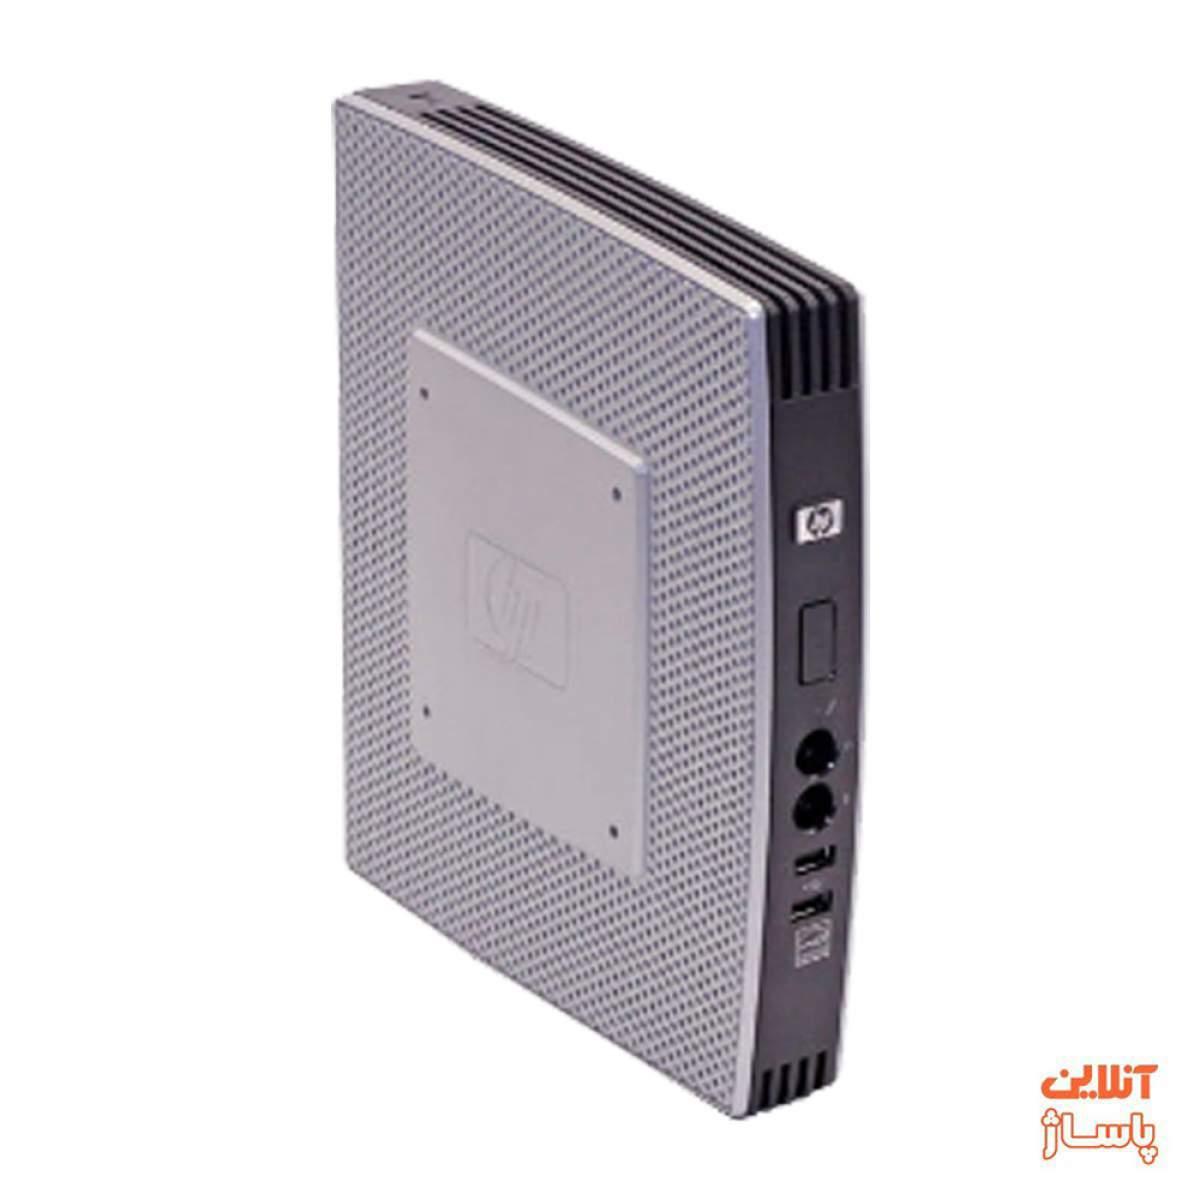 کامپیوتر کوچک اچ پی مدل t5740-A